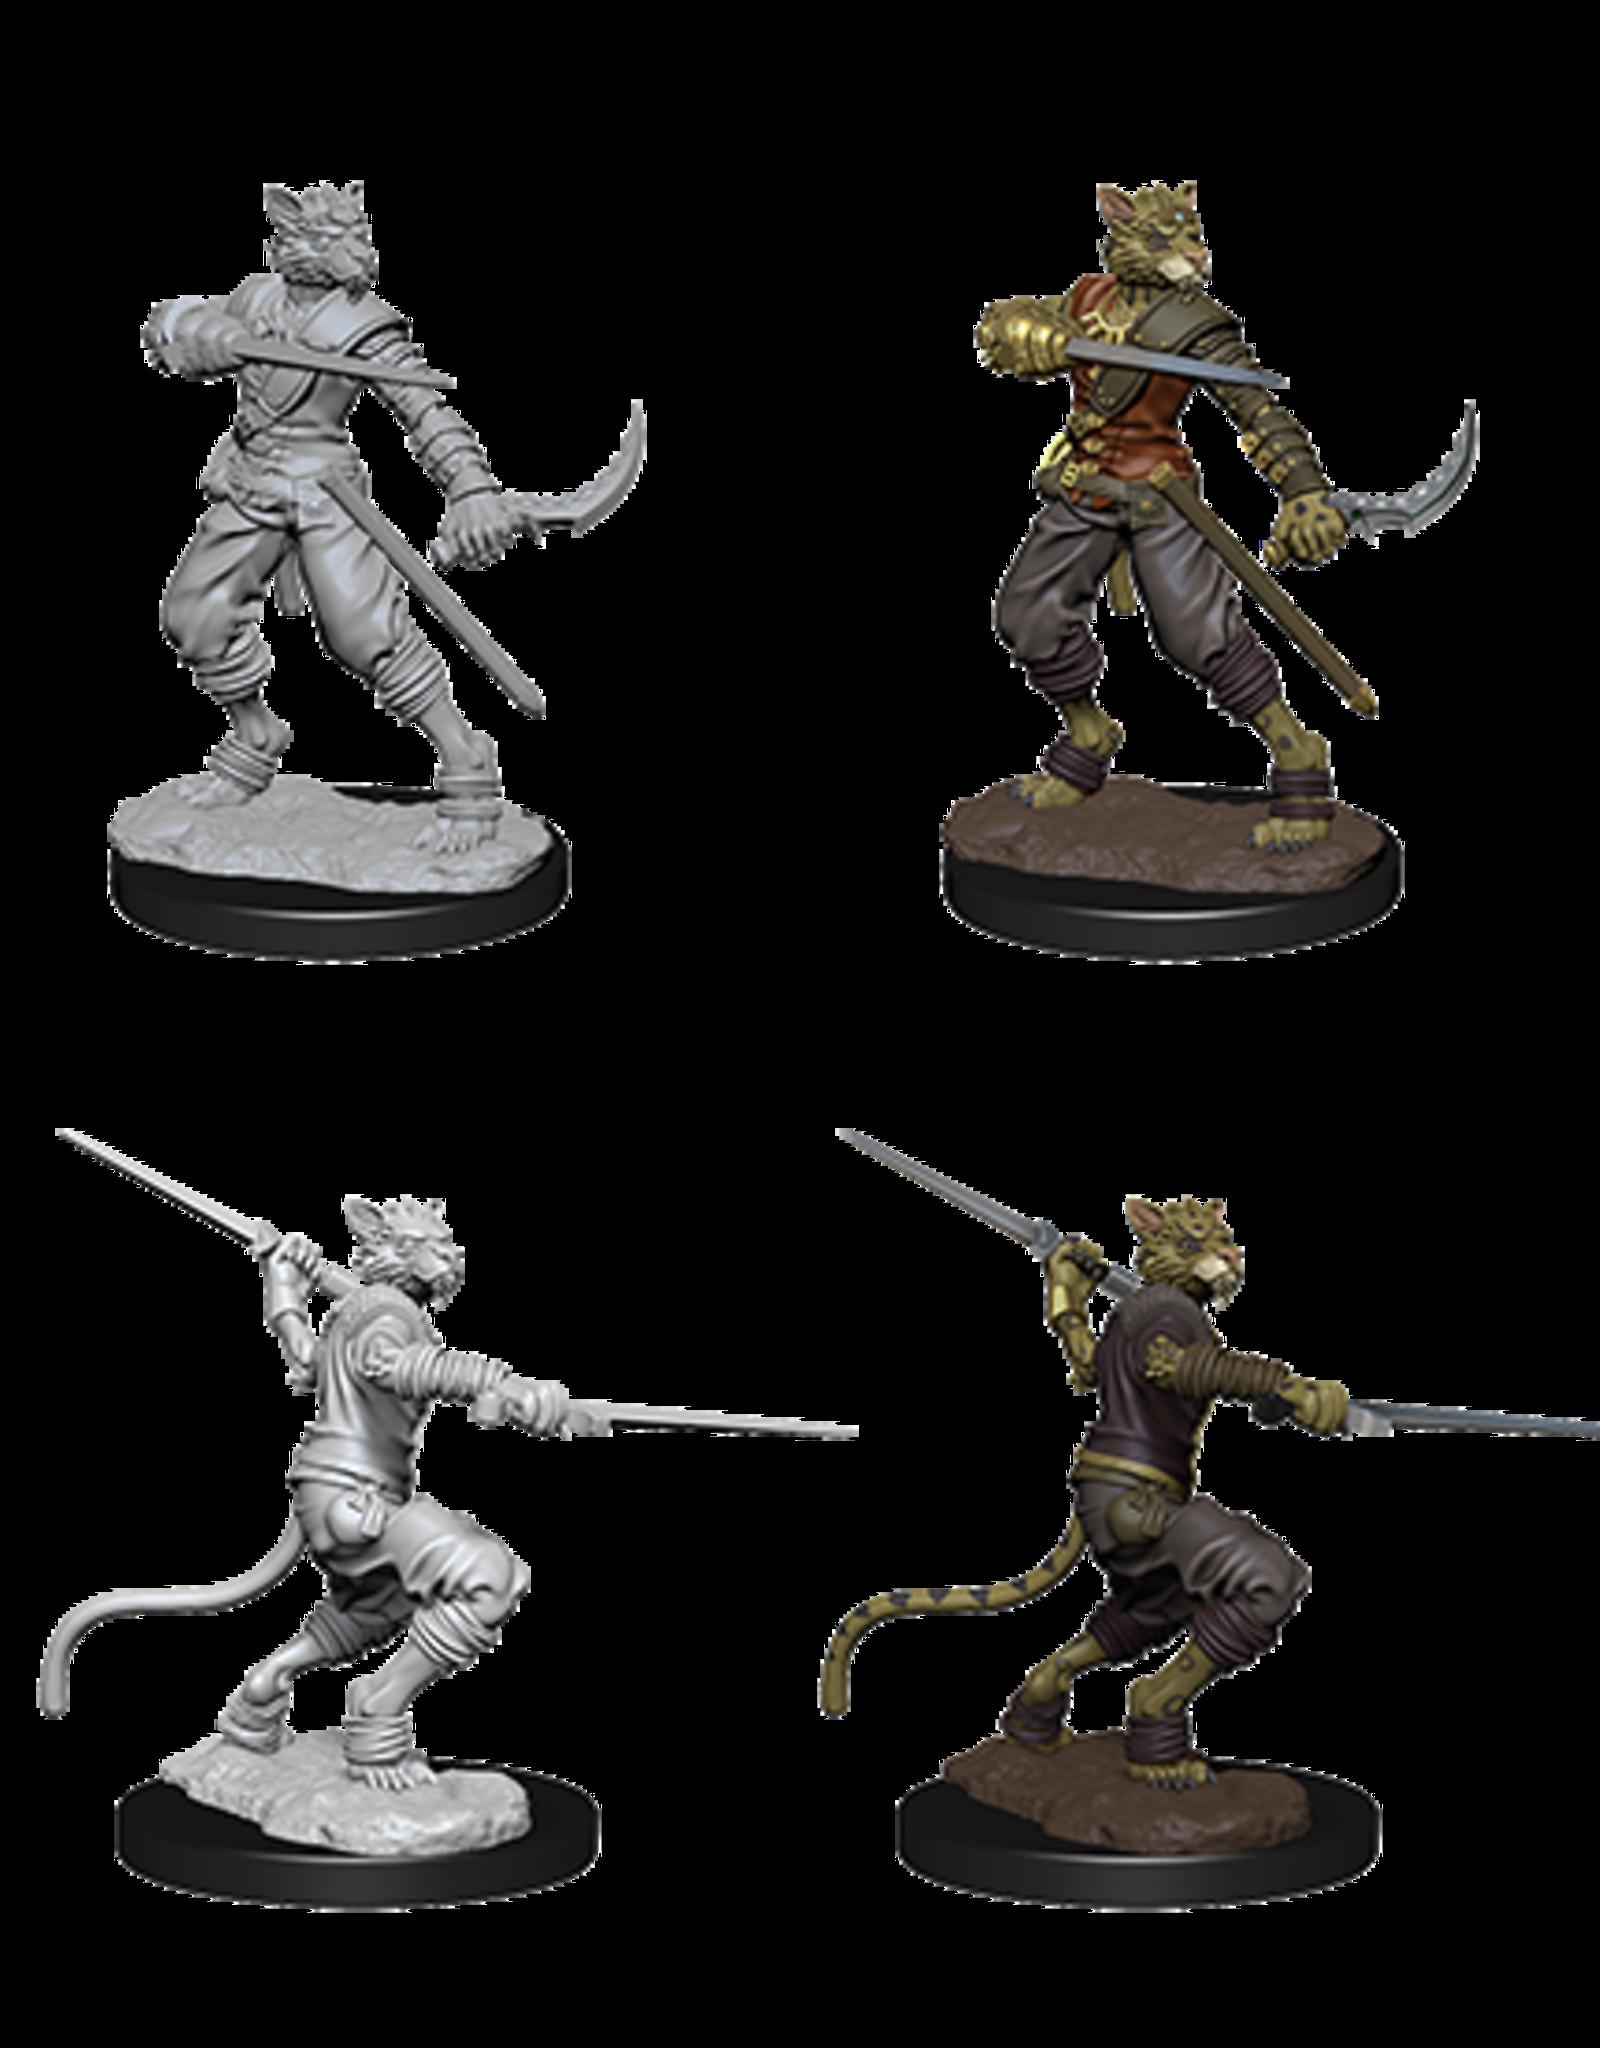 Wizkids D&D Nolzur's Marvelous Miniatures Tabaxi Rogue Male